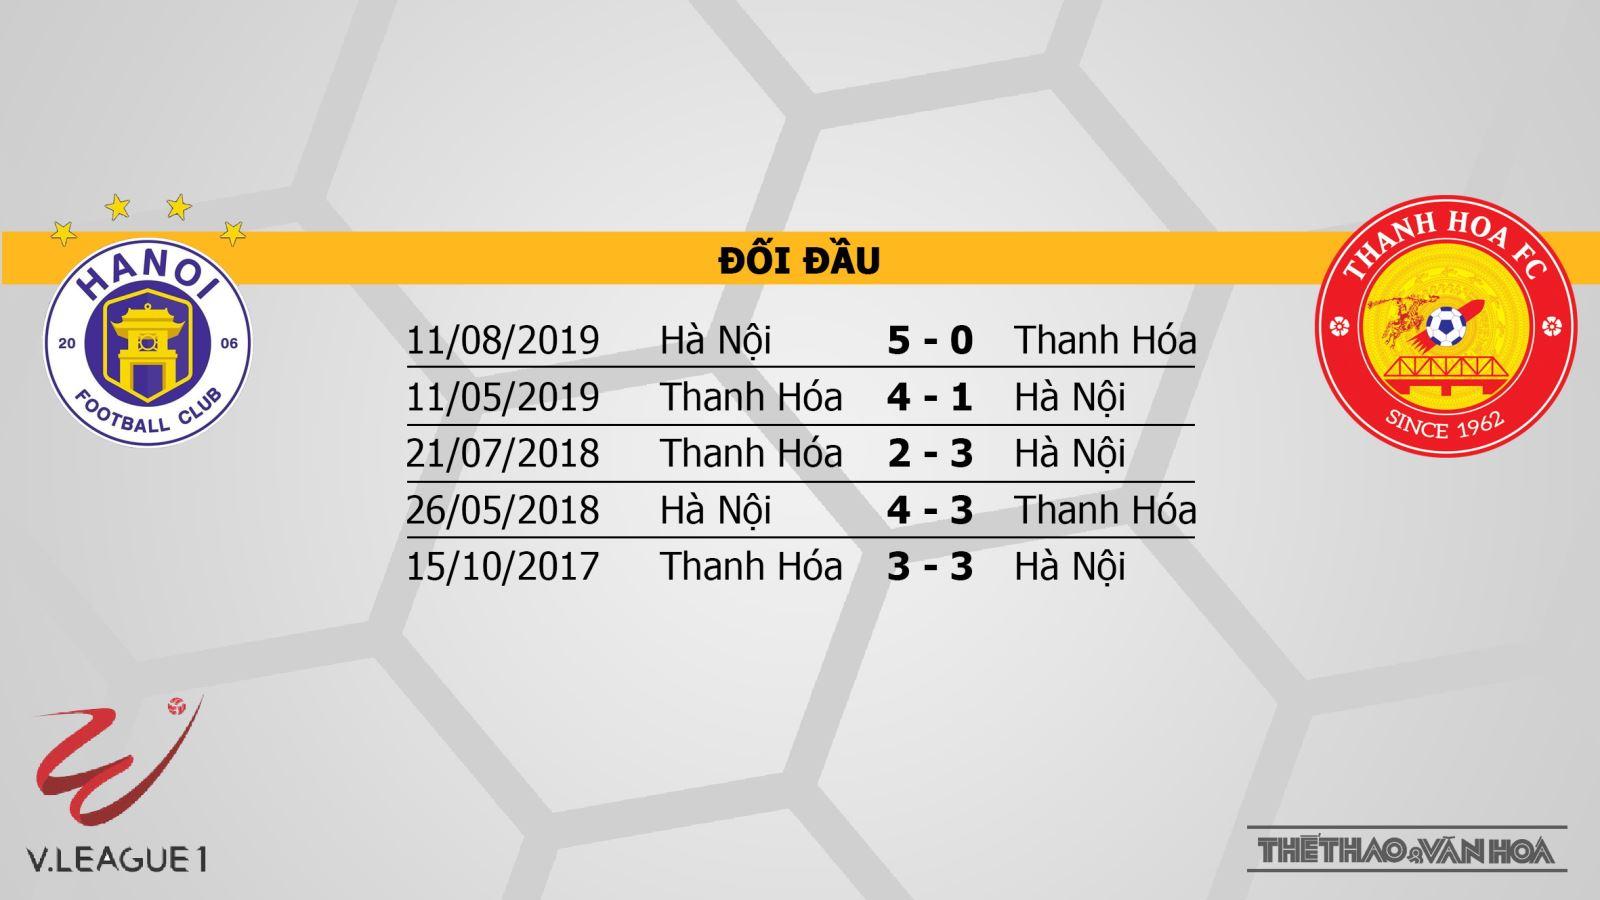 Hà Nội vsThanh Hóa, Hà Nội, Thanh Hoá, soi kèo Hà Nội vsThanh Hóa, kèo bóng đá, kèo thơm, nhận định Hà Nội vsThanh Hóa